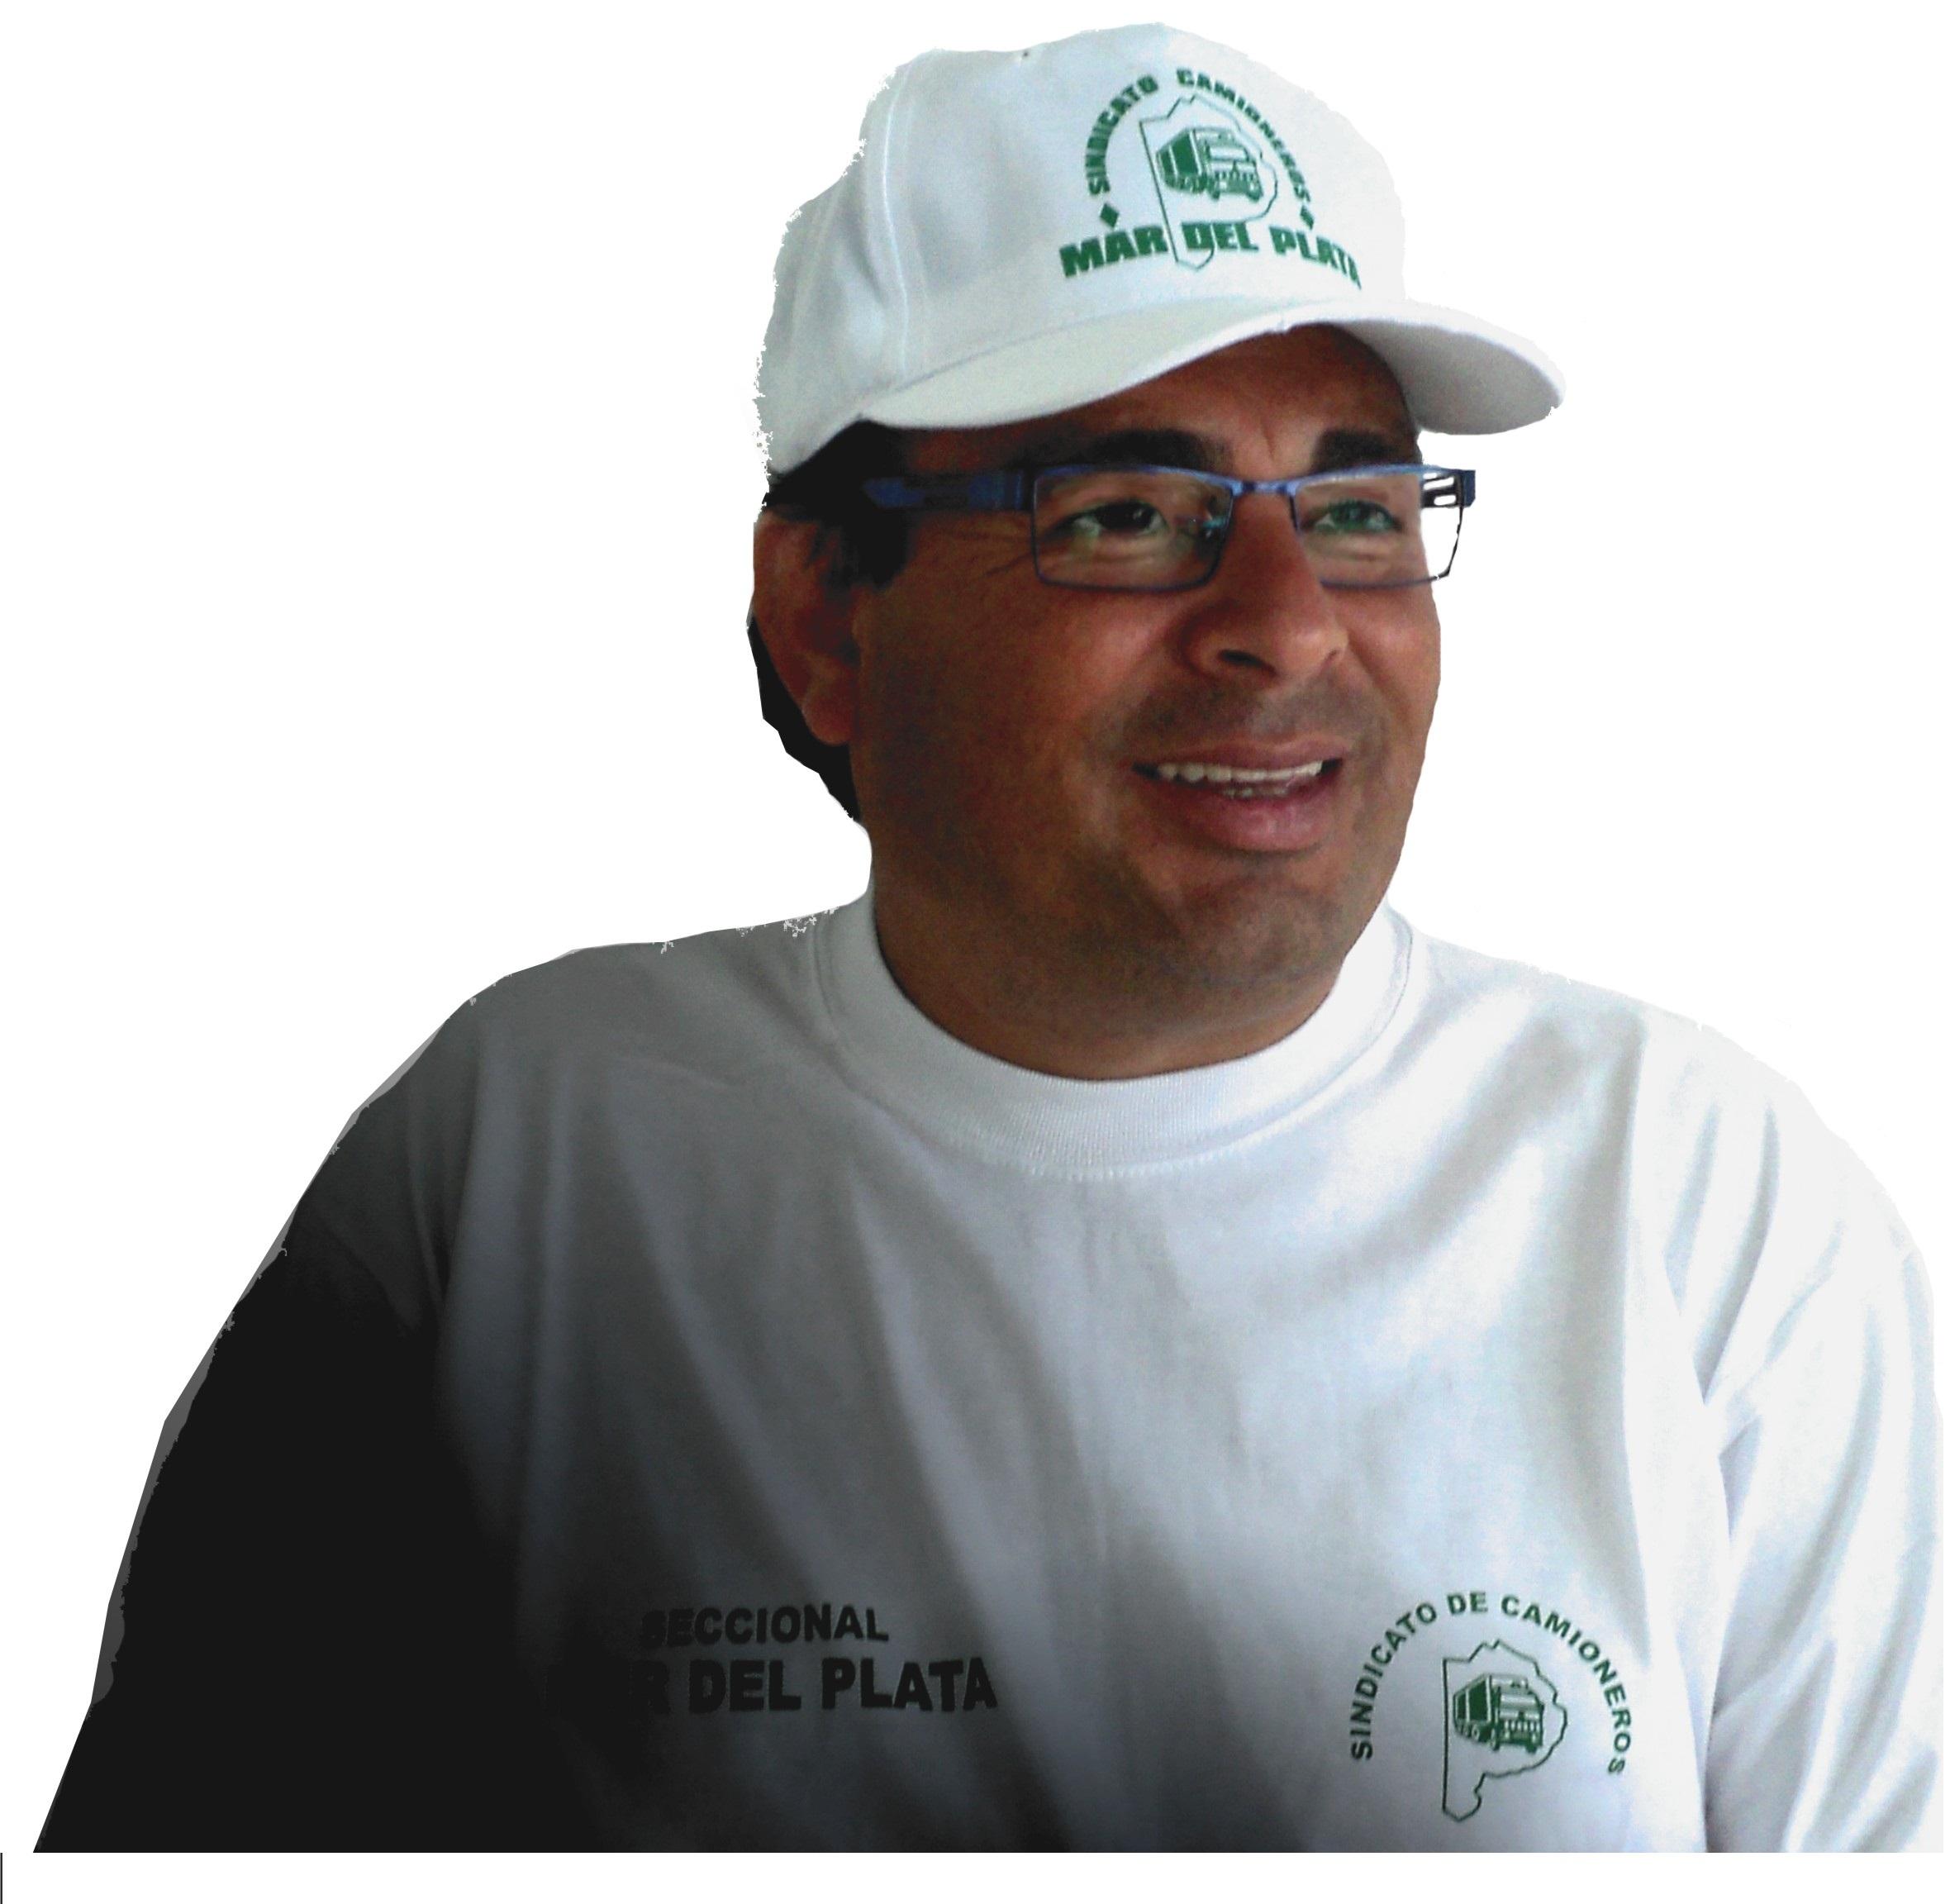 """Ramón """"Toto"""" Alderete no abandona la pelea contra la familia Moyano y el manejo discrecional del Sindicato de Camioneros. Habla de trabajadores desprotegidos y manejo irregulares de los fondos del gremio en beneficio personal de Moyano y sus parientes."""